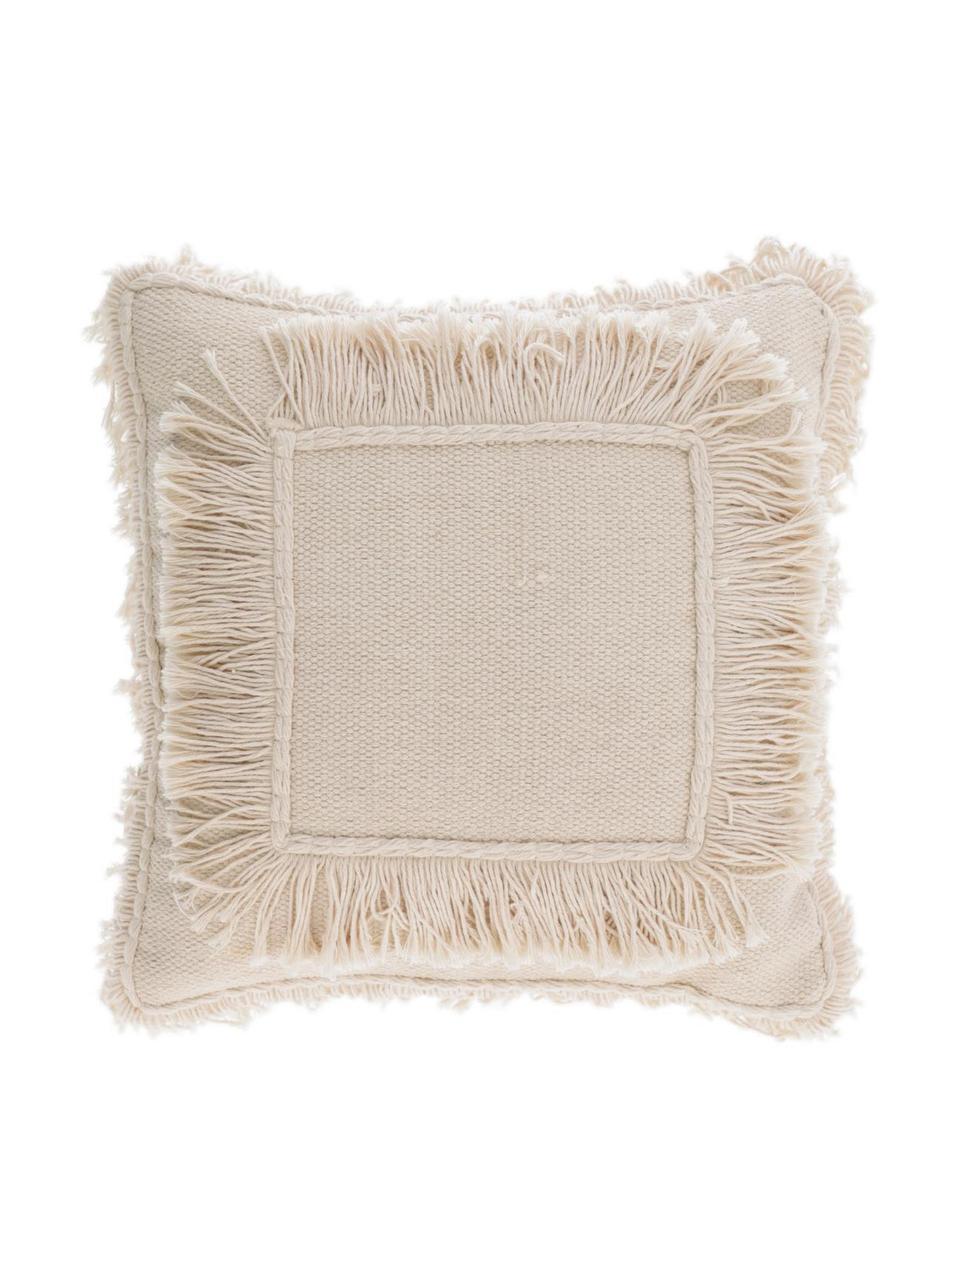 Poszewka na poduszkę w stylu boho z frędzlami Edelma, 100% bawełna, Beżowy, S 45 x D 45 cm